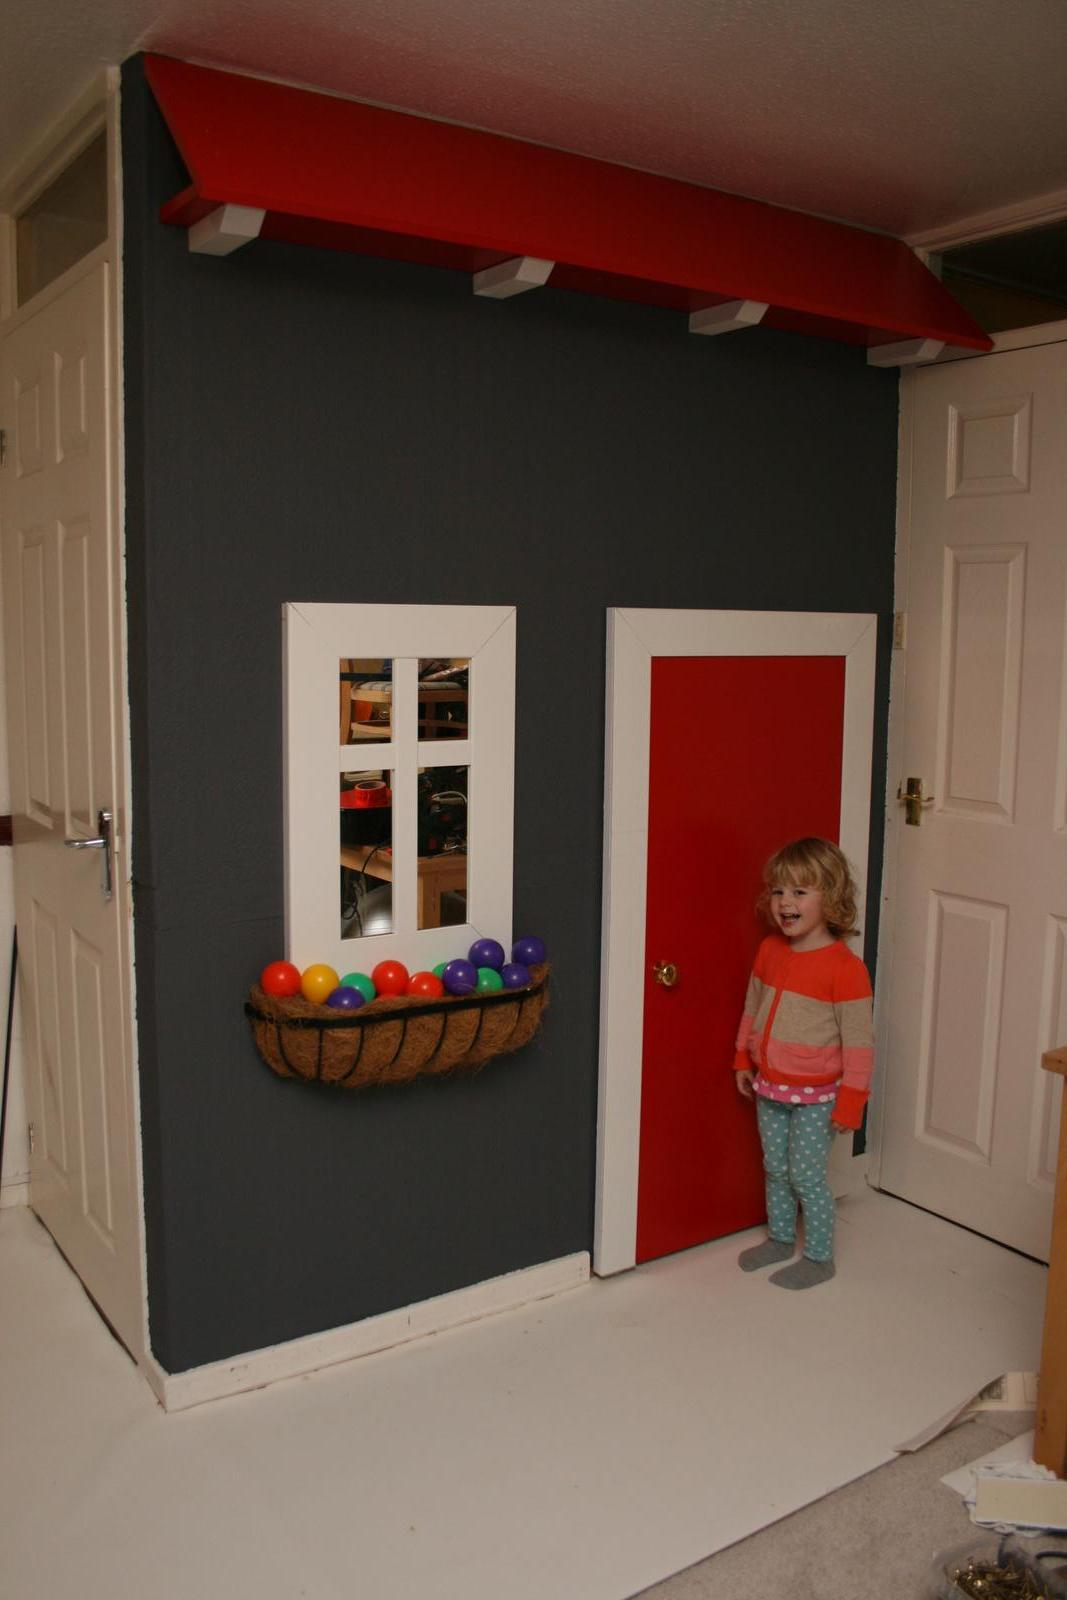 Prestavba domu a zahrady - To je radosti! Jeste chybi klepadlo na dvere, prijde postou zitra. Tramy jsou priznane :)